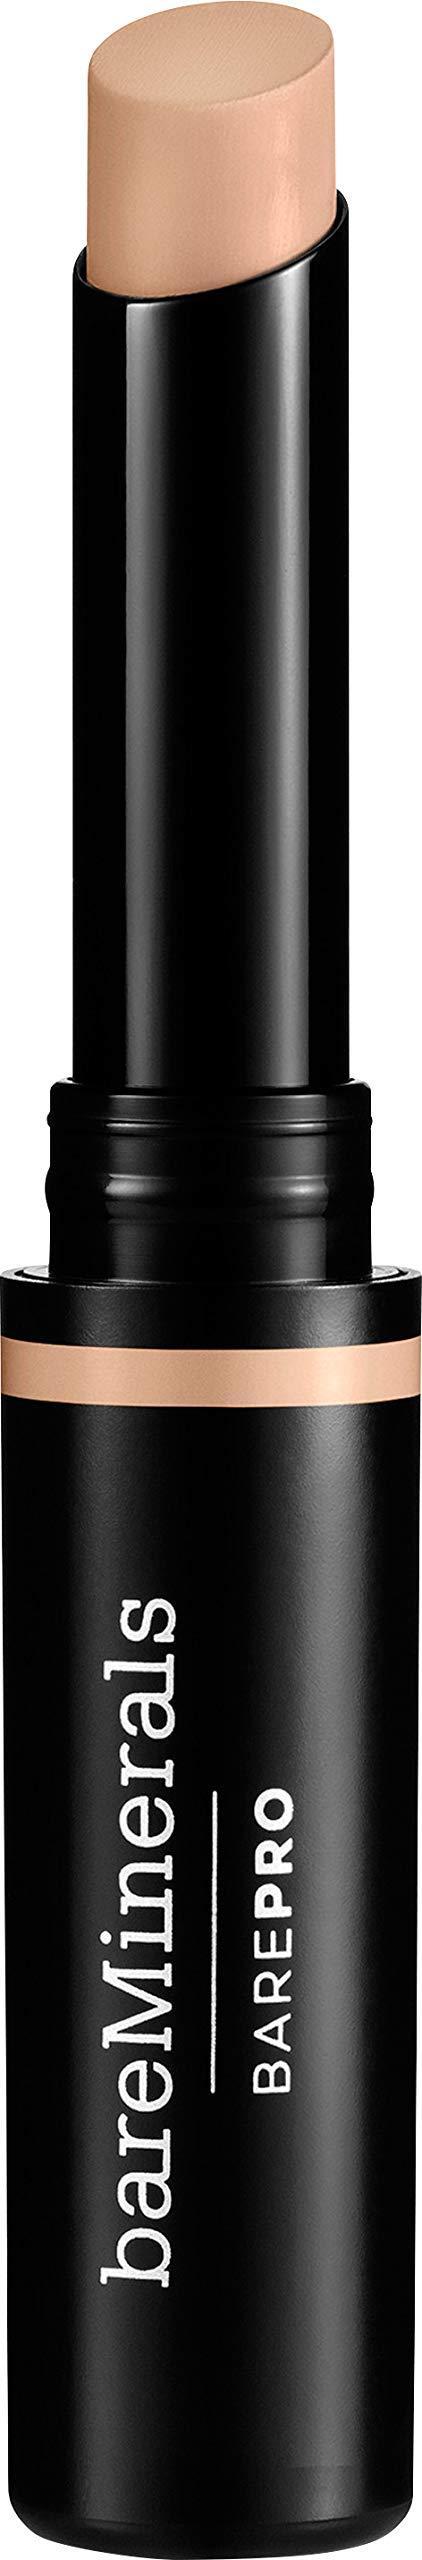 BarePro 16-Hour Full Coverage Concealer Light - Neutral 04